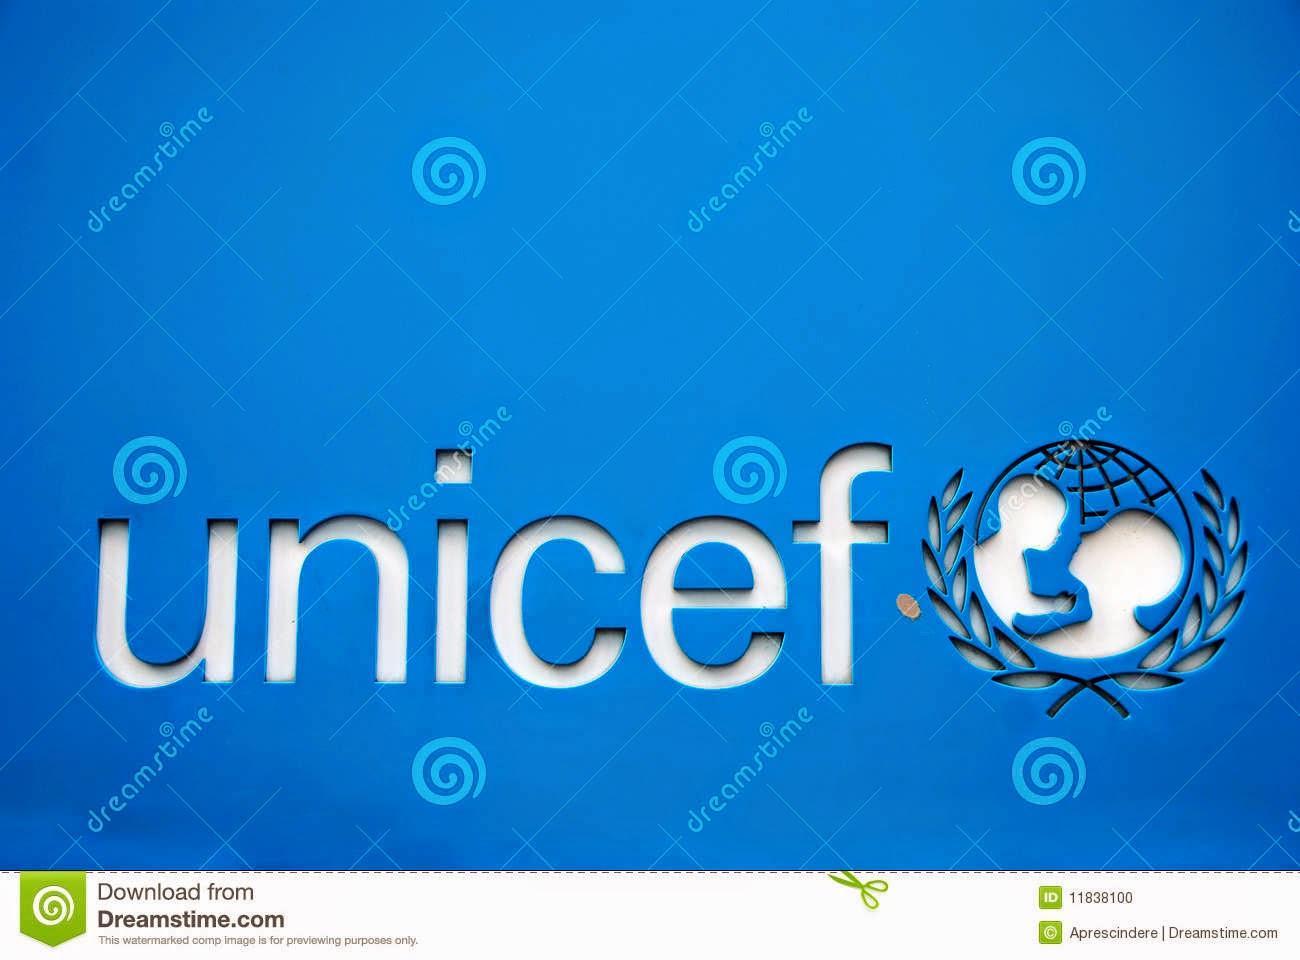 http://www.unicef.es/cooperacion-internacional/donar-herencia